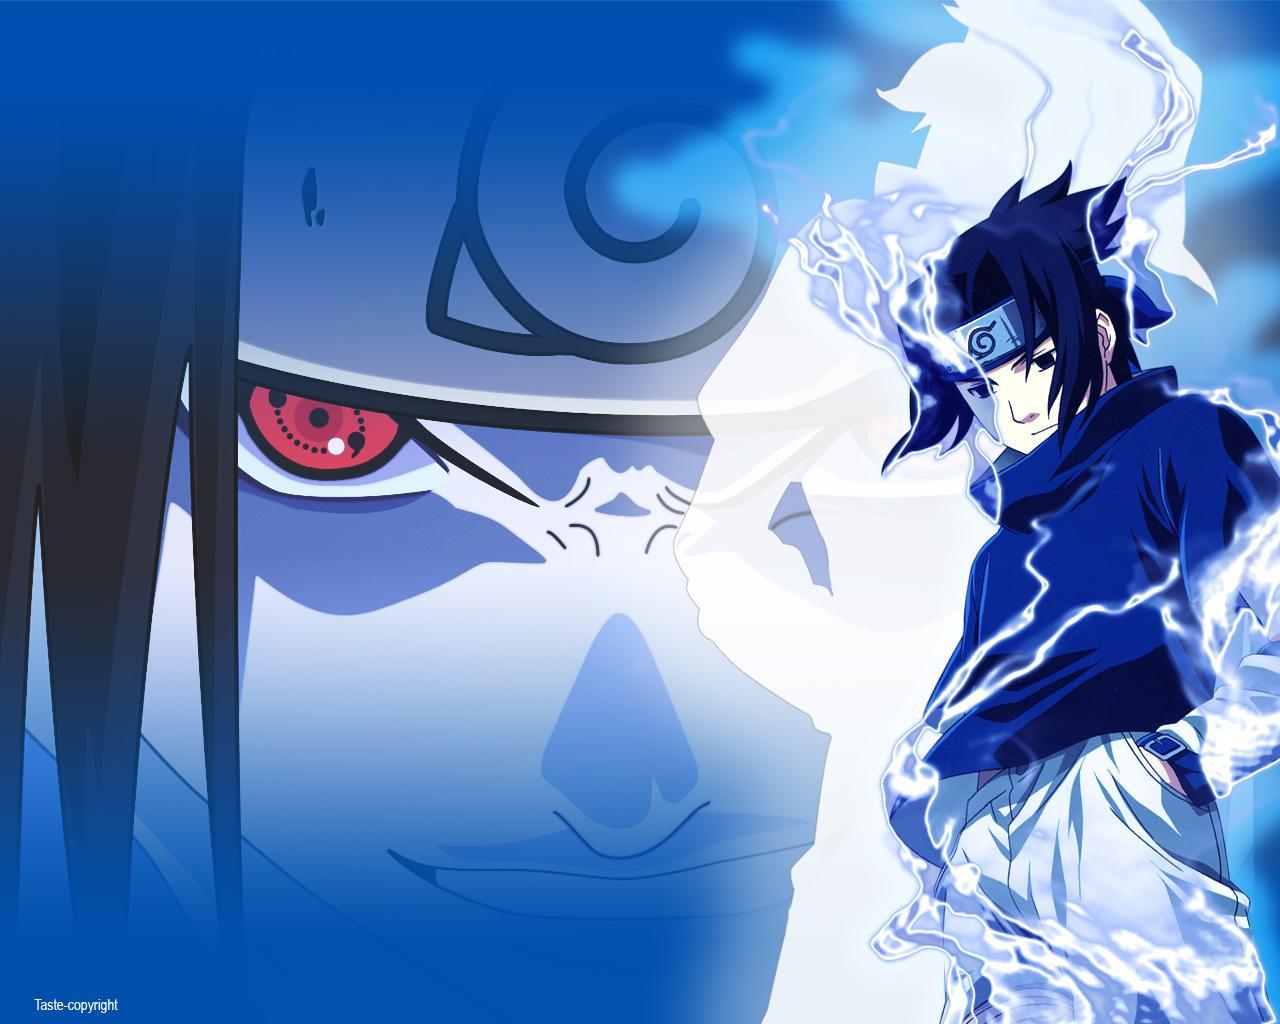 Sasuke Wallpaper   Naruto Wallpaper 60339 1280x1024